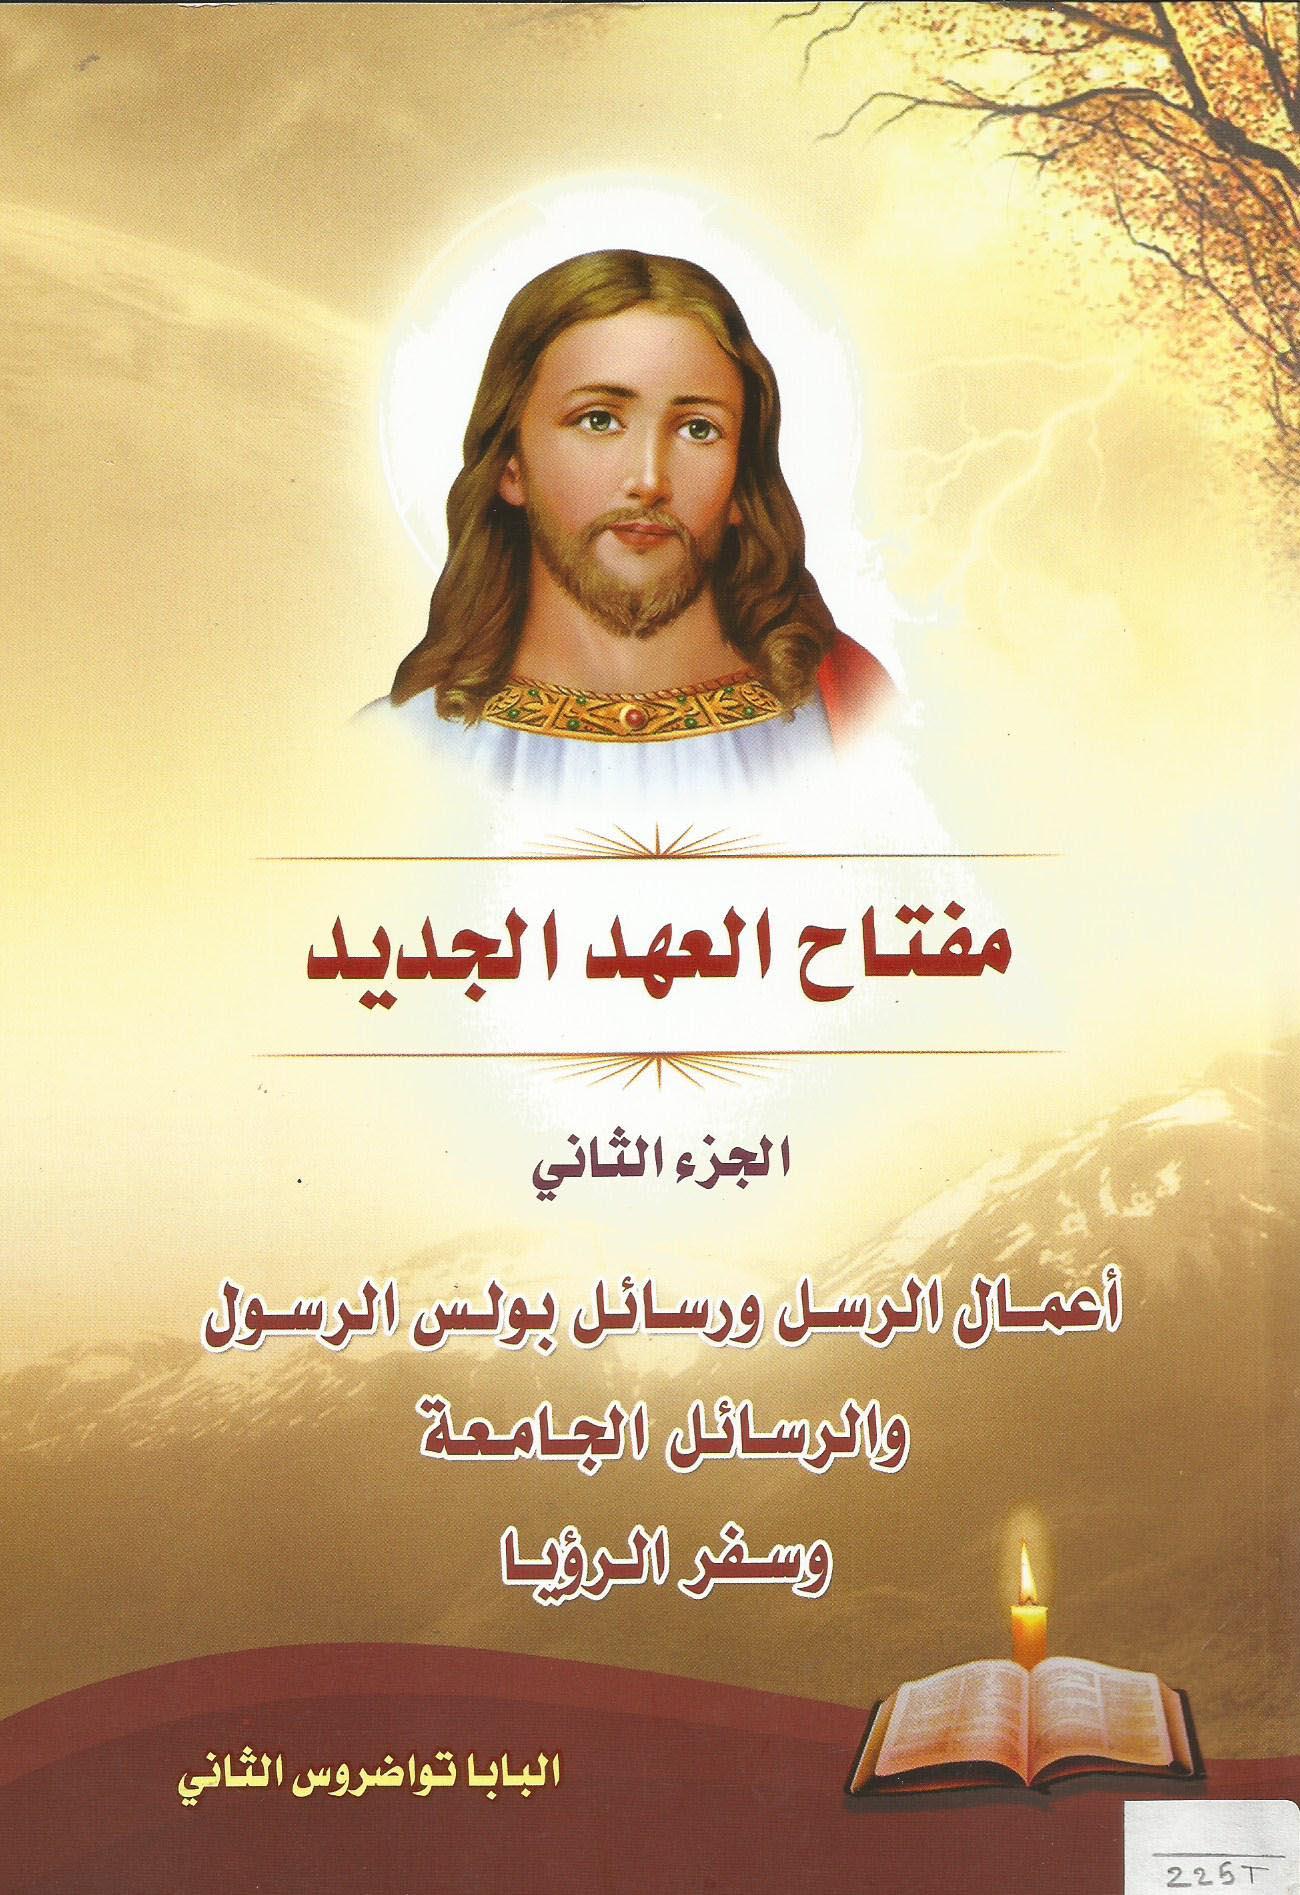 مفتاح العهد الجديد ج 2